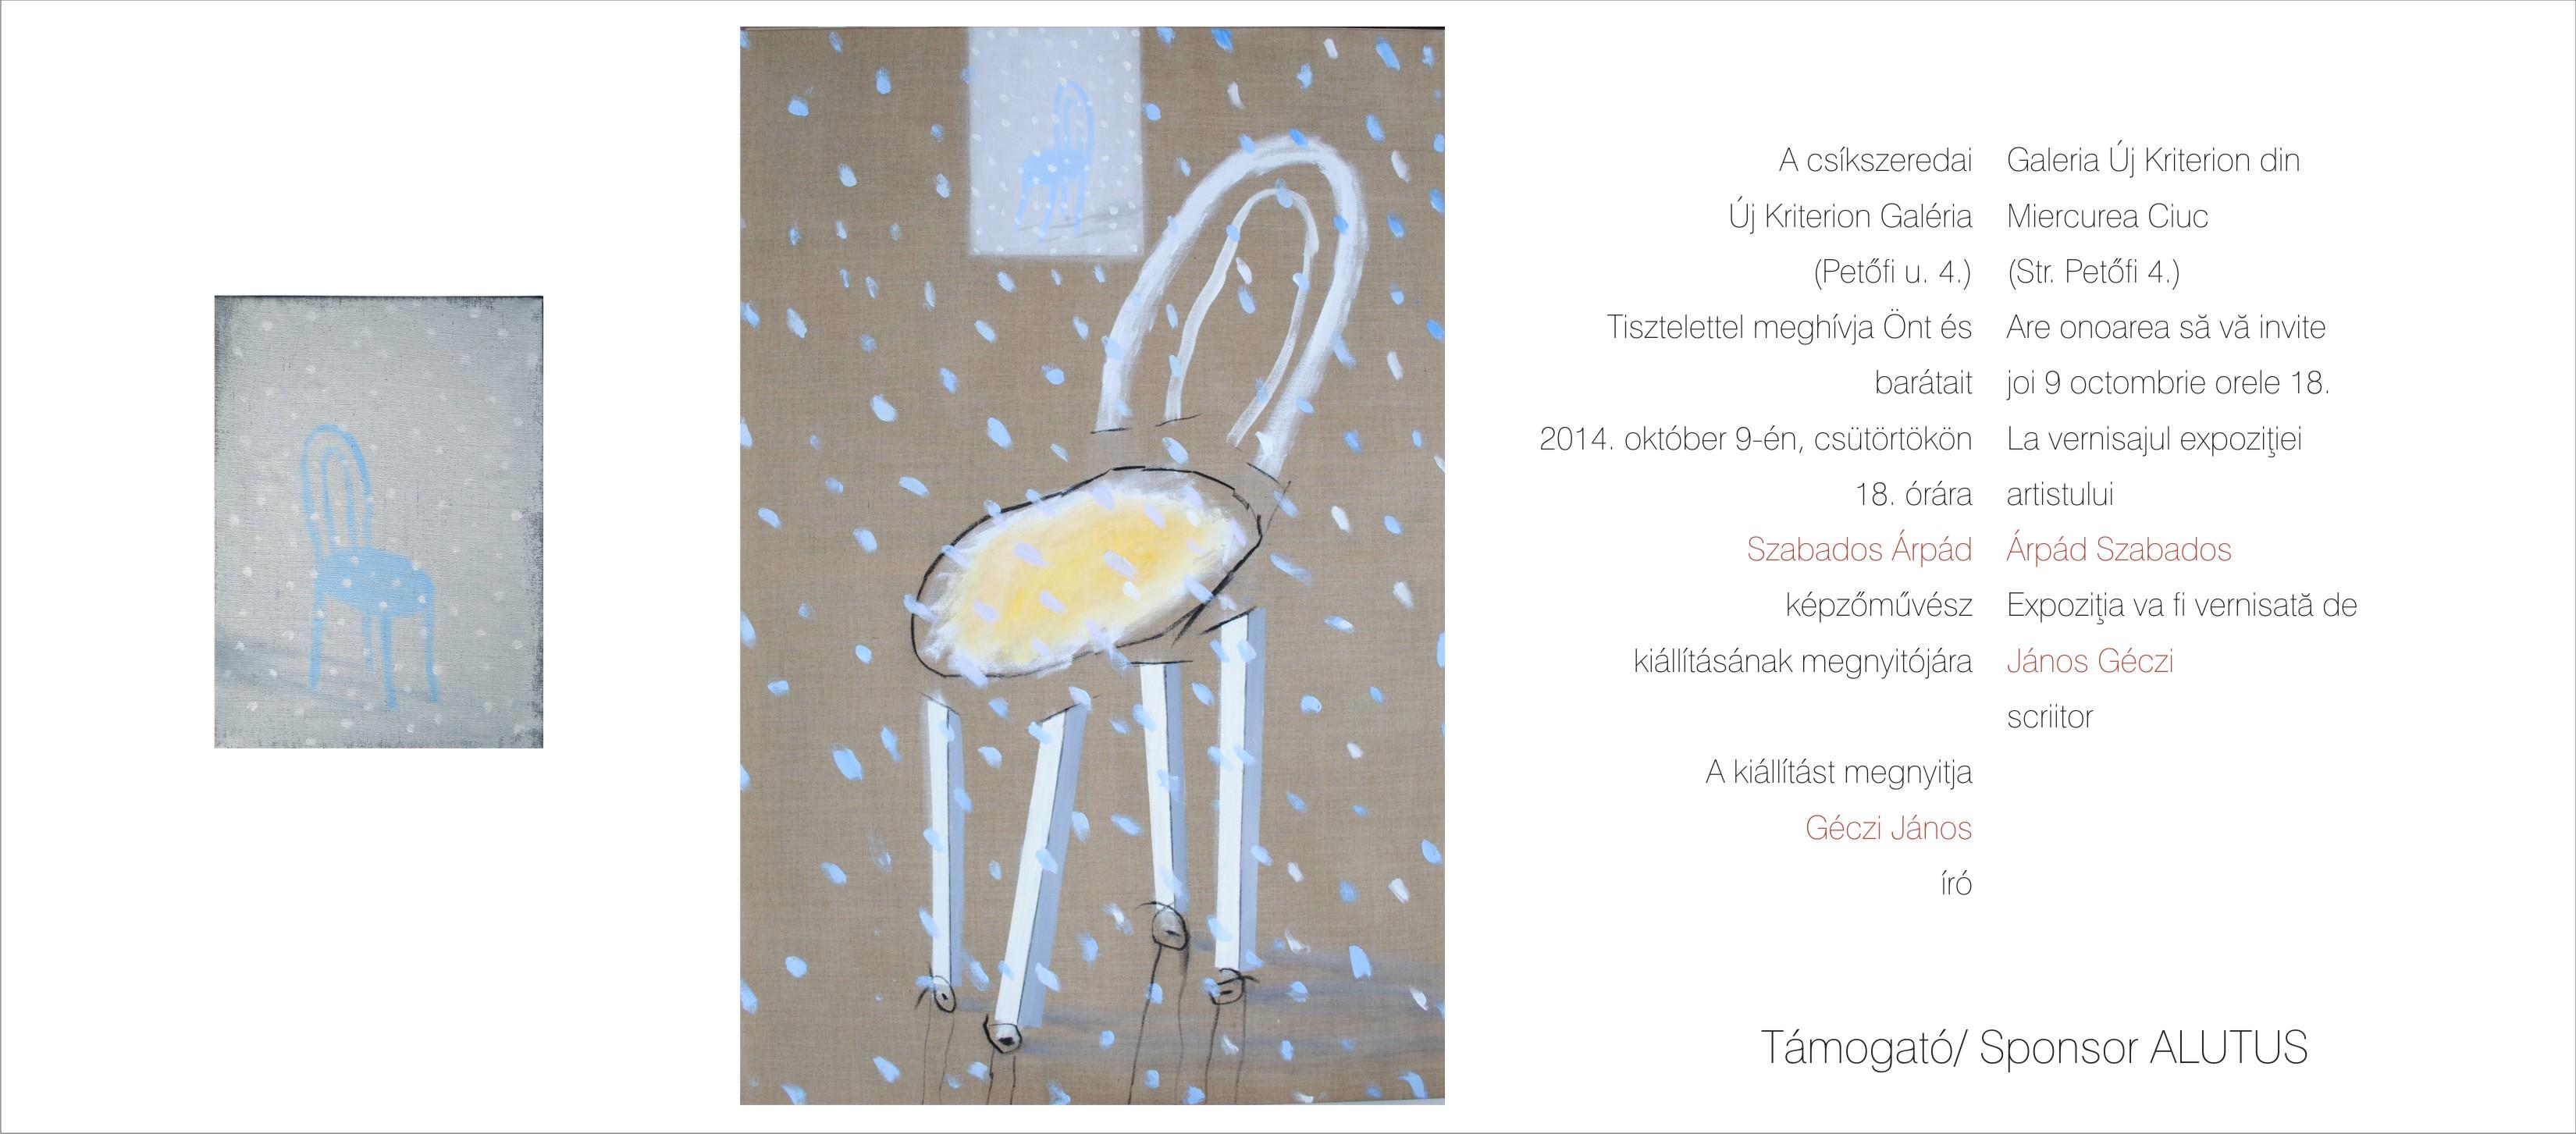 Expoziția pictorului Árpád Szabados @ Galeria Új Kriterion, Miercurea Ciuc